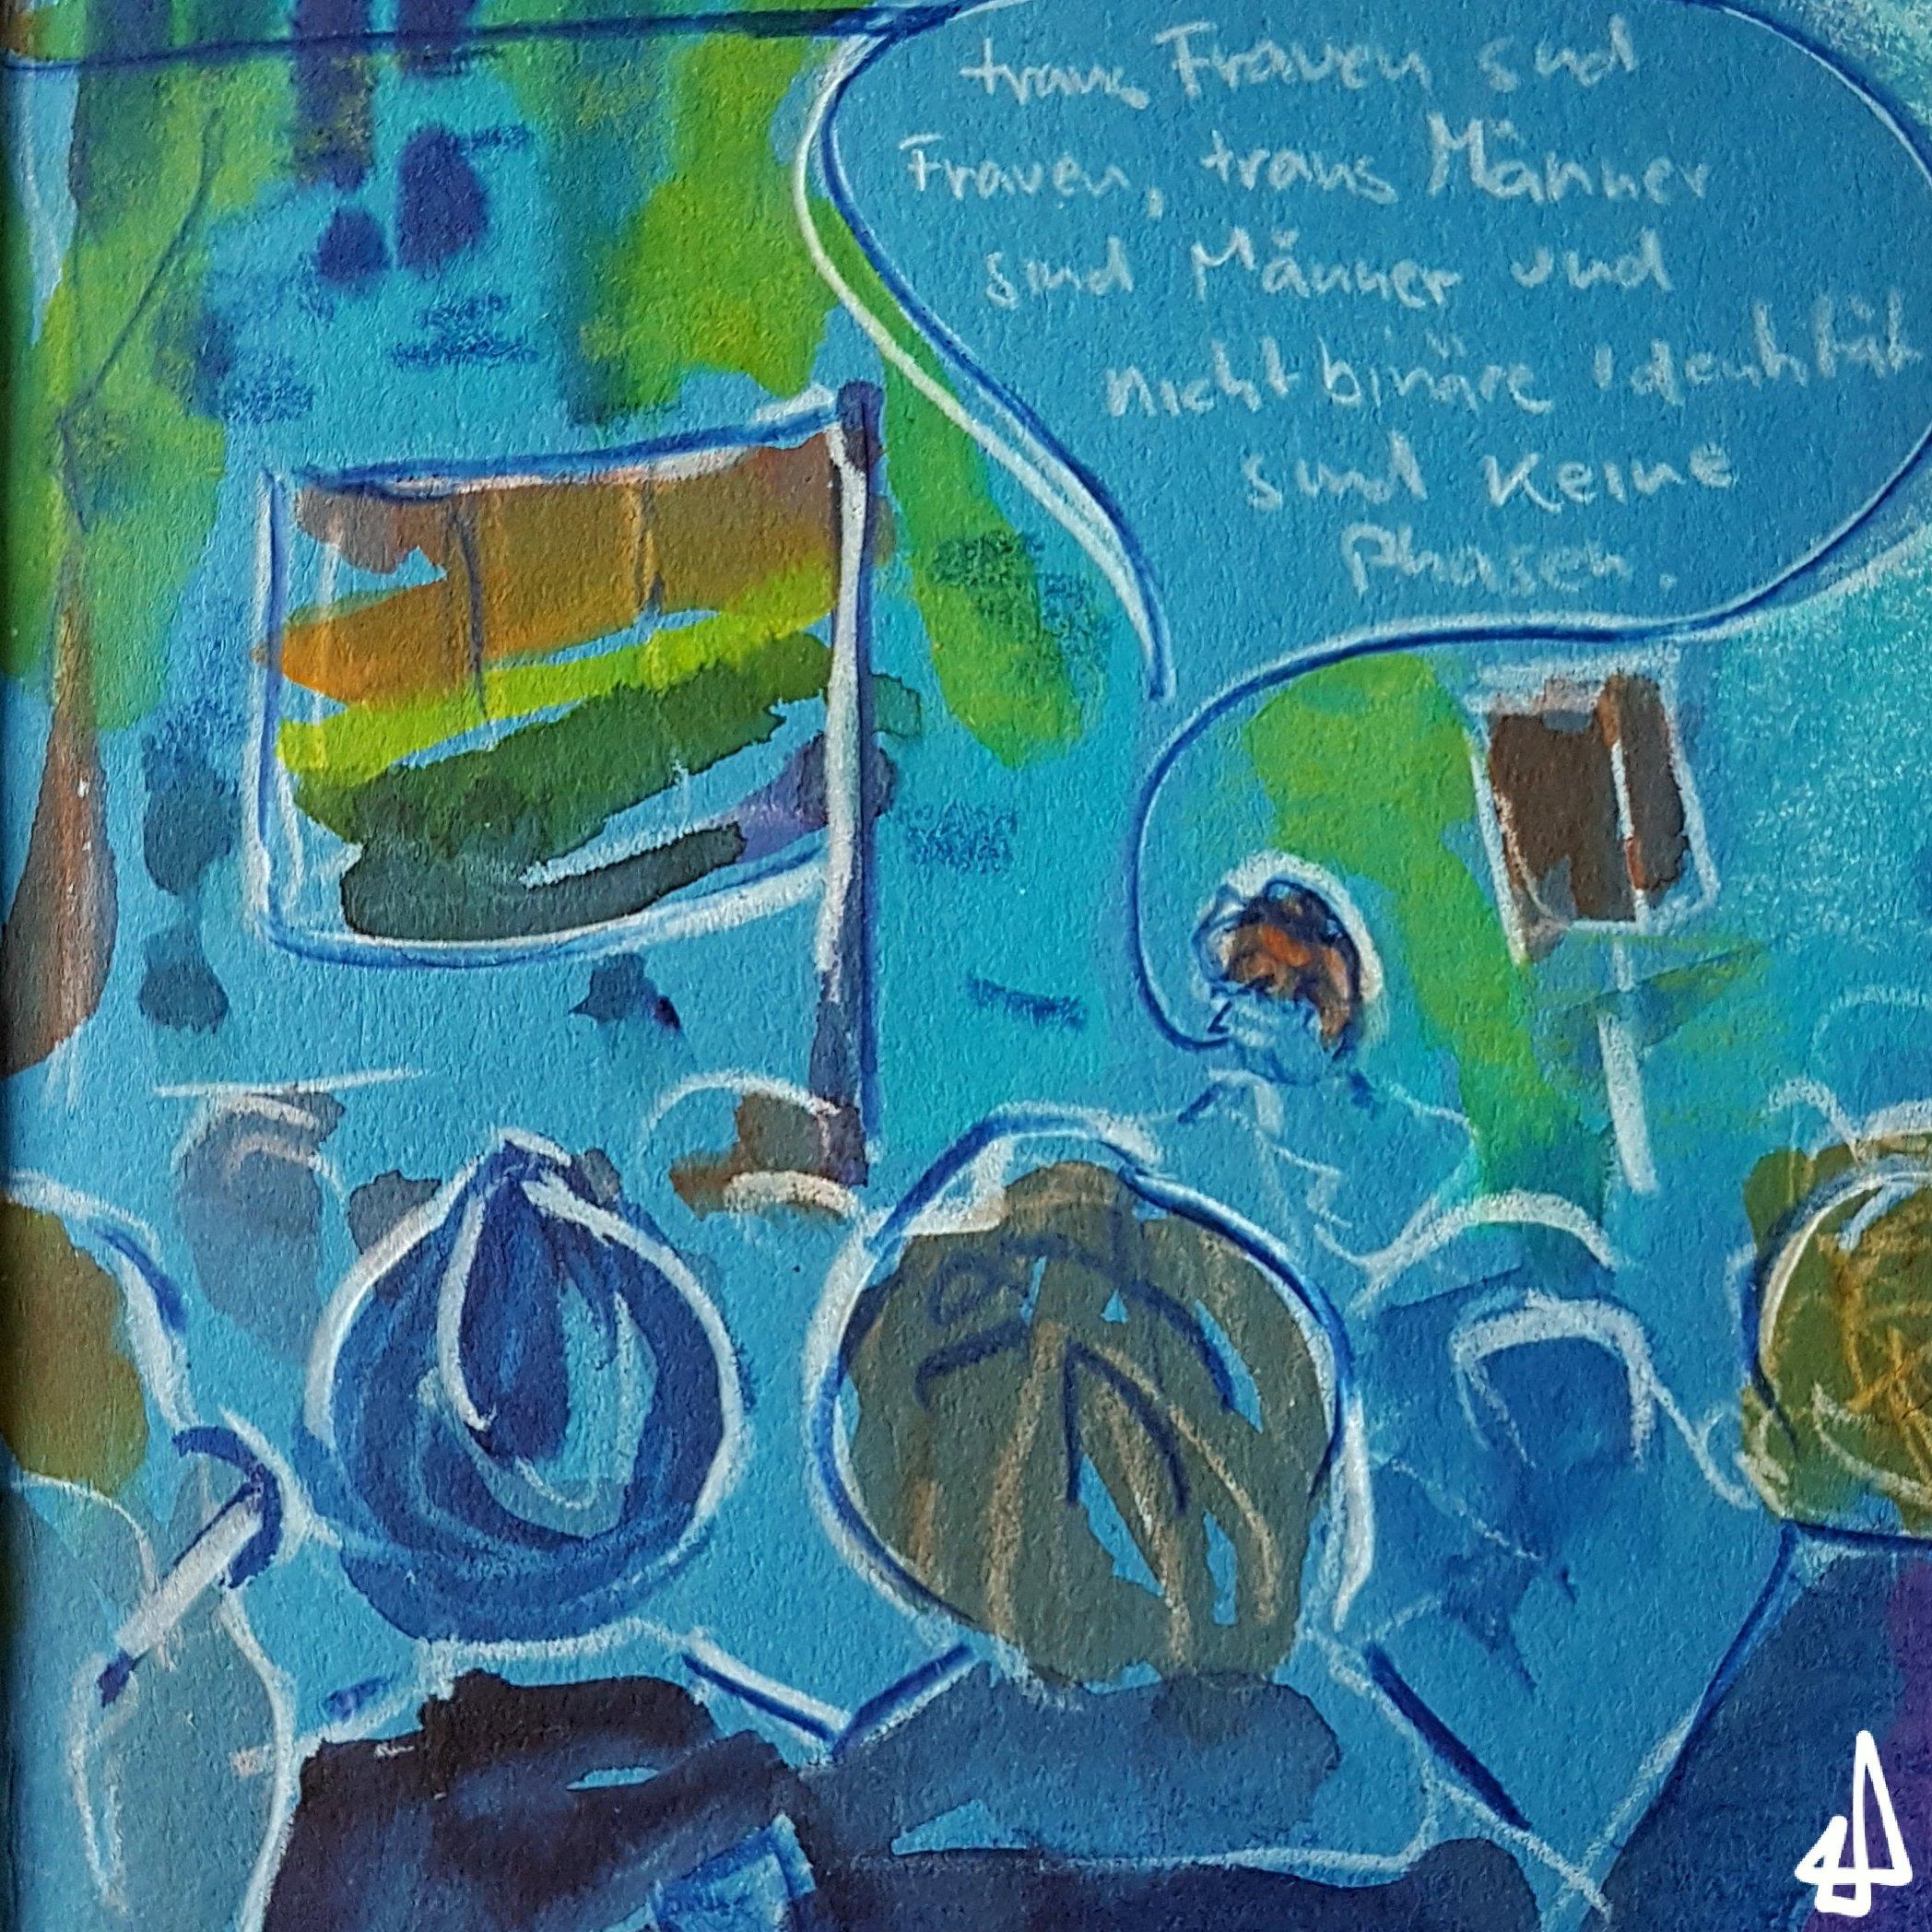 Buntstiftzeichnung auf blauem Karton mit Aquarell koloriert. Menschenmenge schwingt Regenbogenflaggen und hört Sprecher_in zu: trans Frauen sind Frauen, trans Männer sind Männer und nonbinary ist keine Phase.